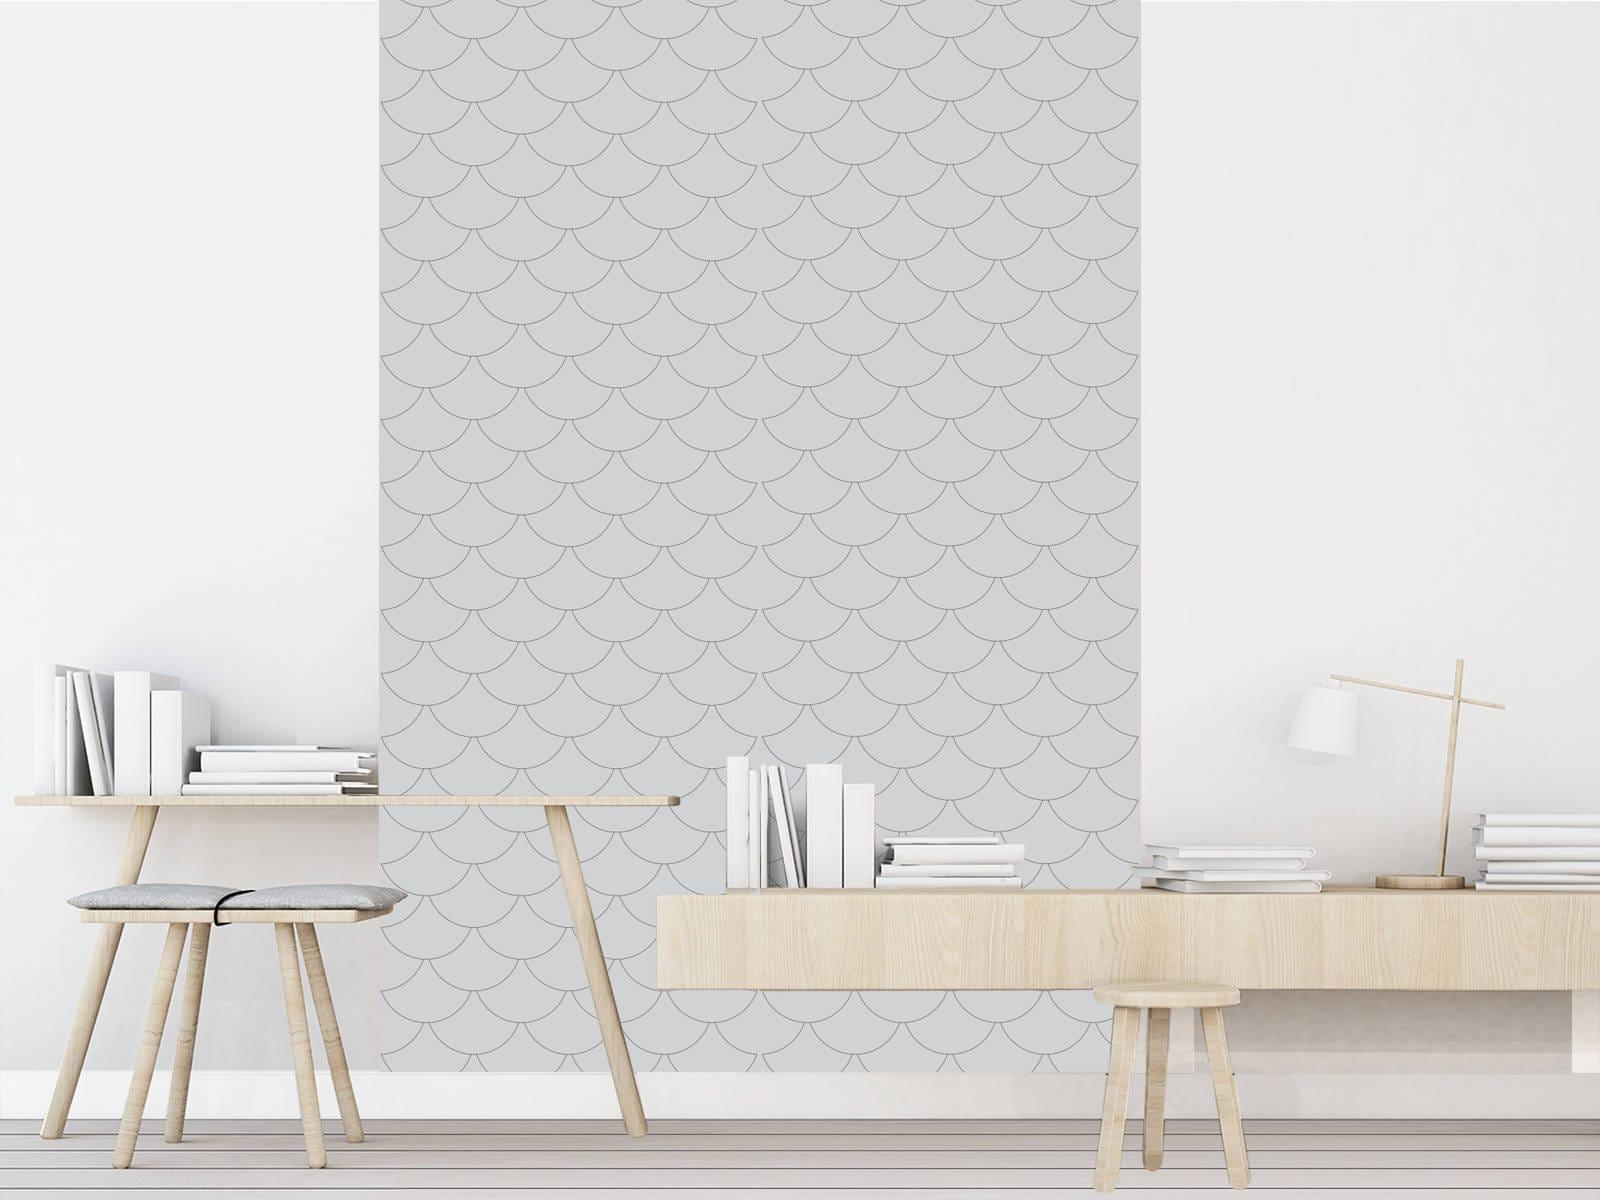 Hoffmann gris papier peint adh sif repositionnable for Papier peint adhesif repositionnable